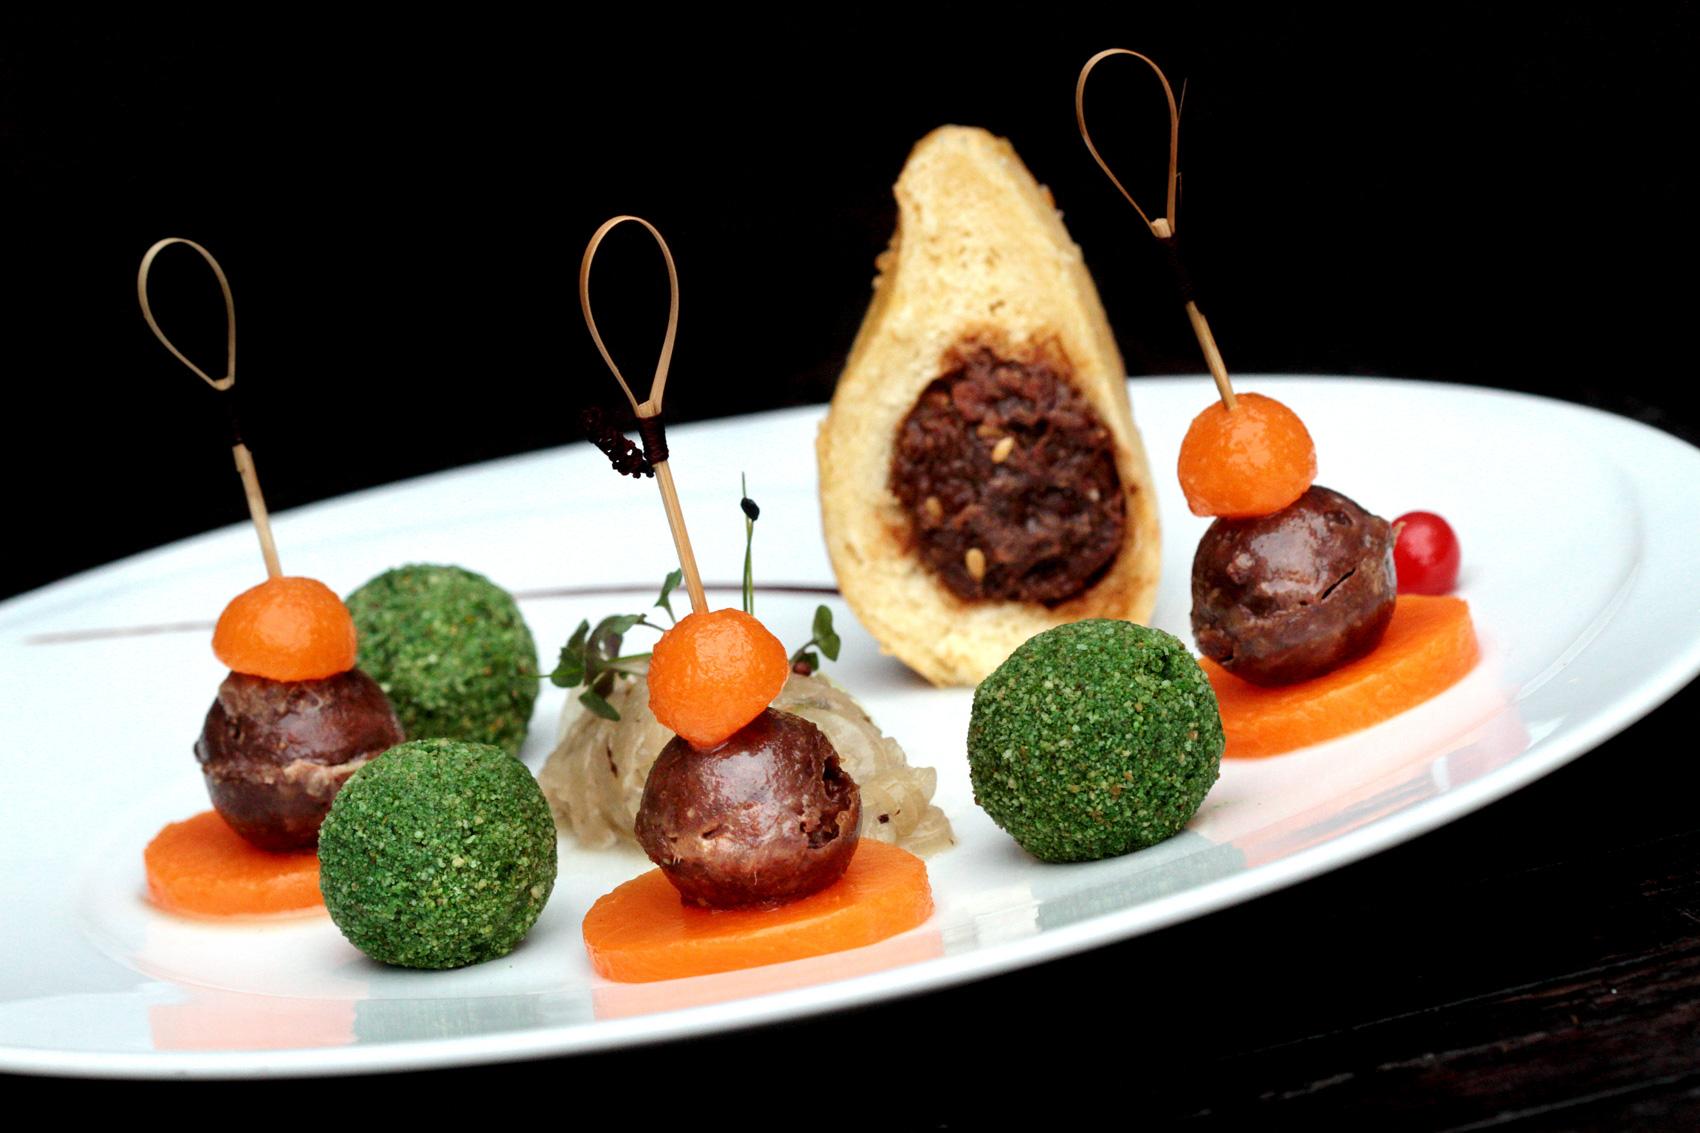 Fondue d'oignons doux des Cévennes en croquettes végétales Recette du chef Jacques Mazerand – Restaurant Mazerand, Lattes